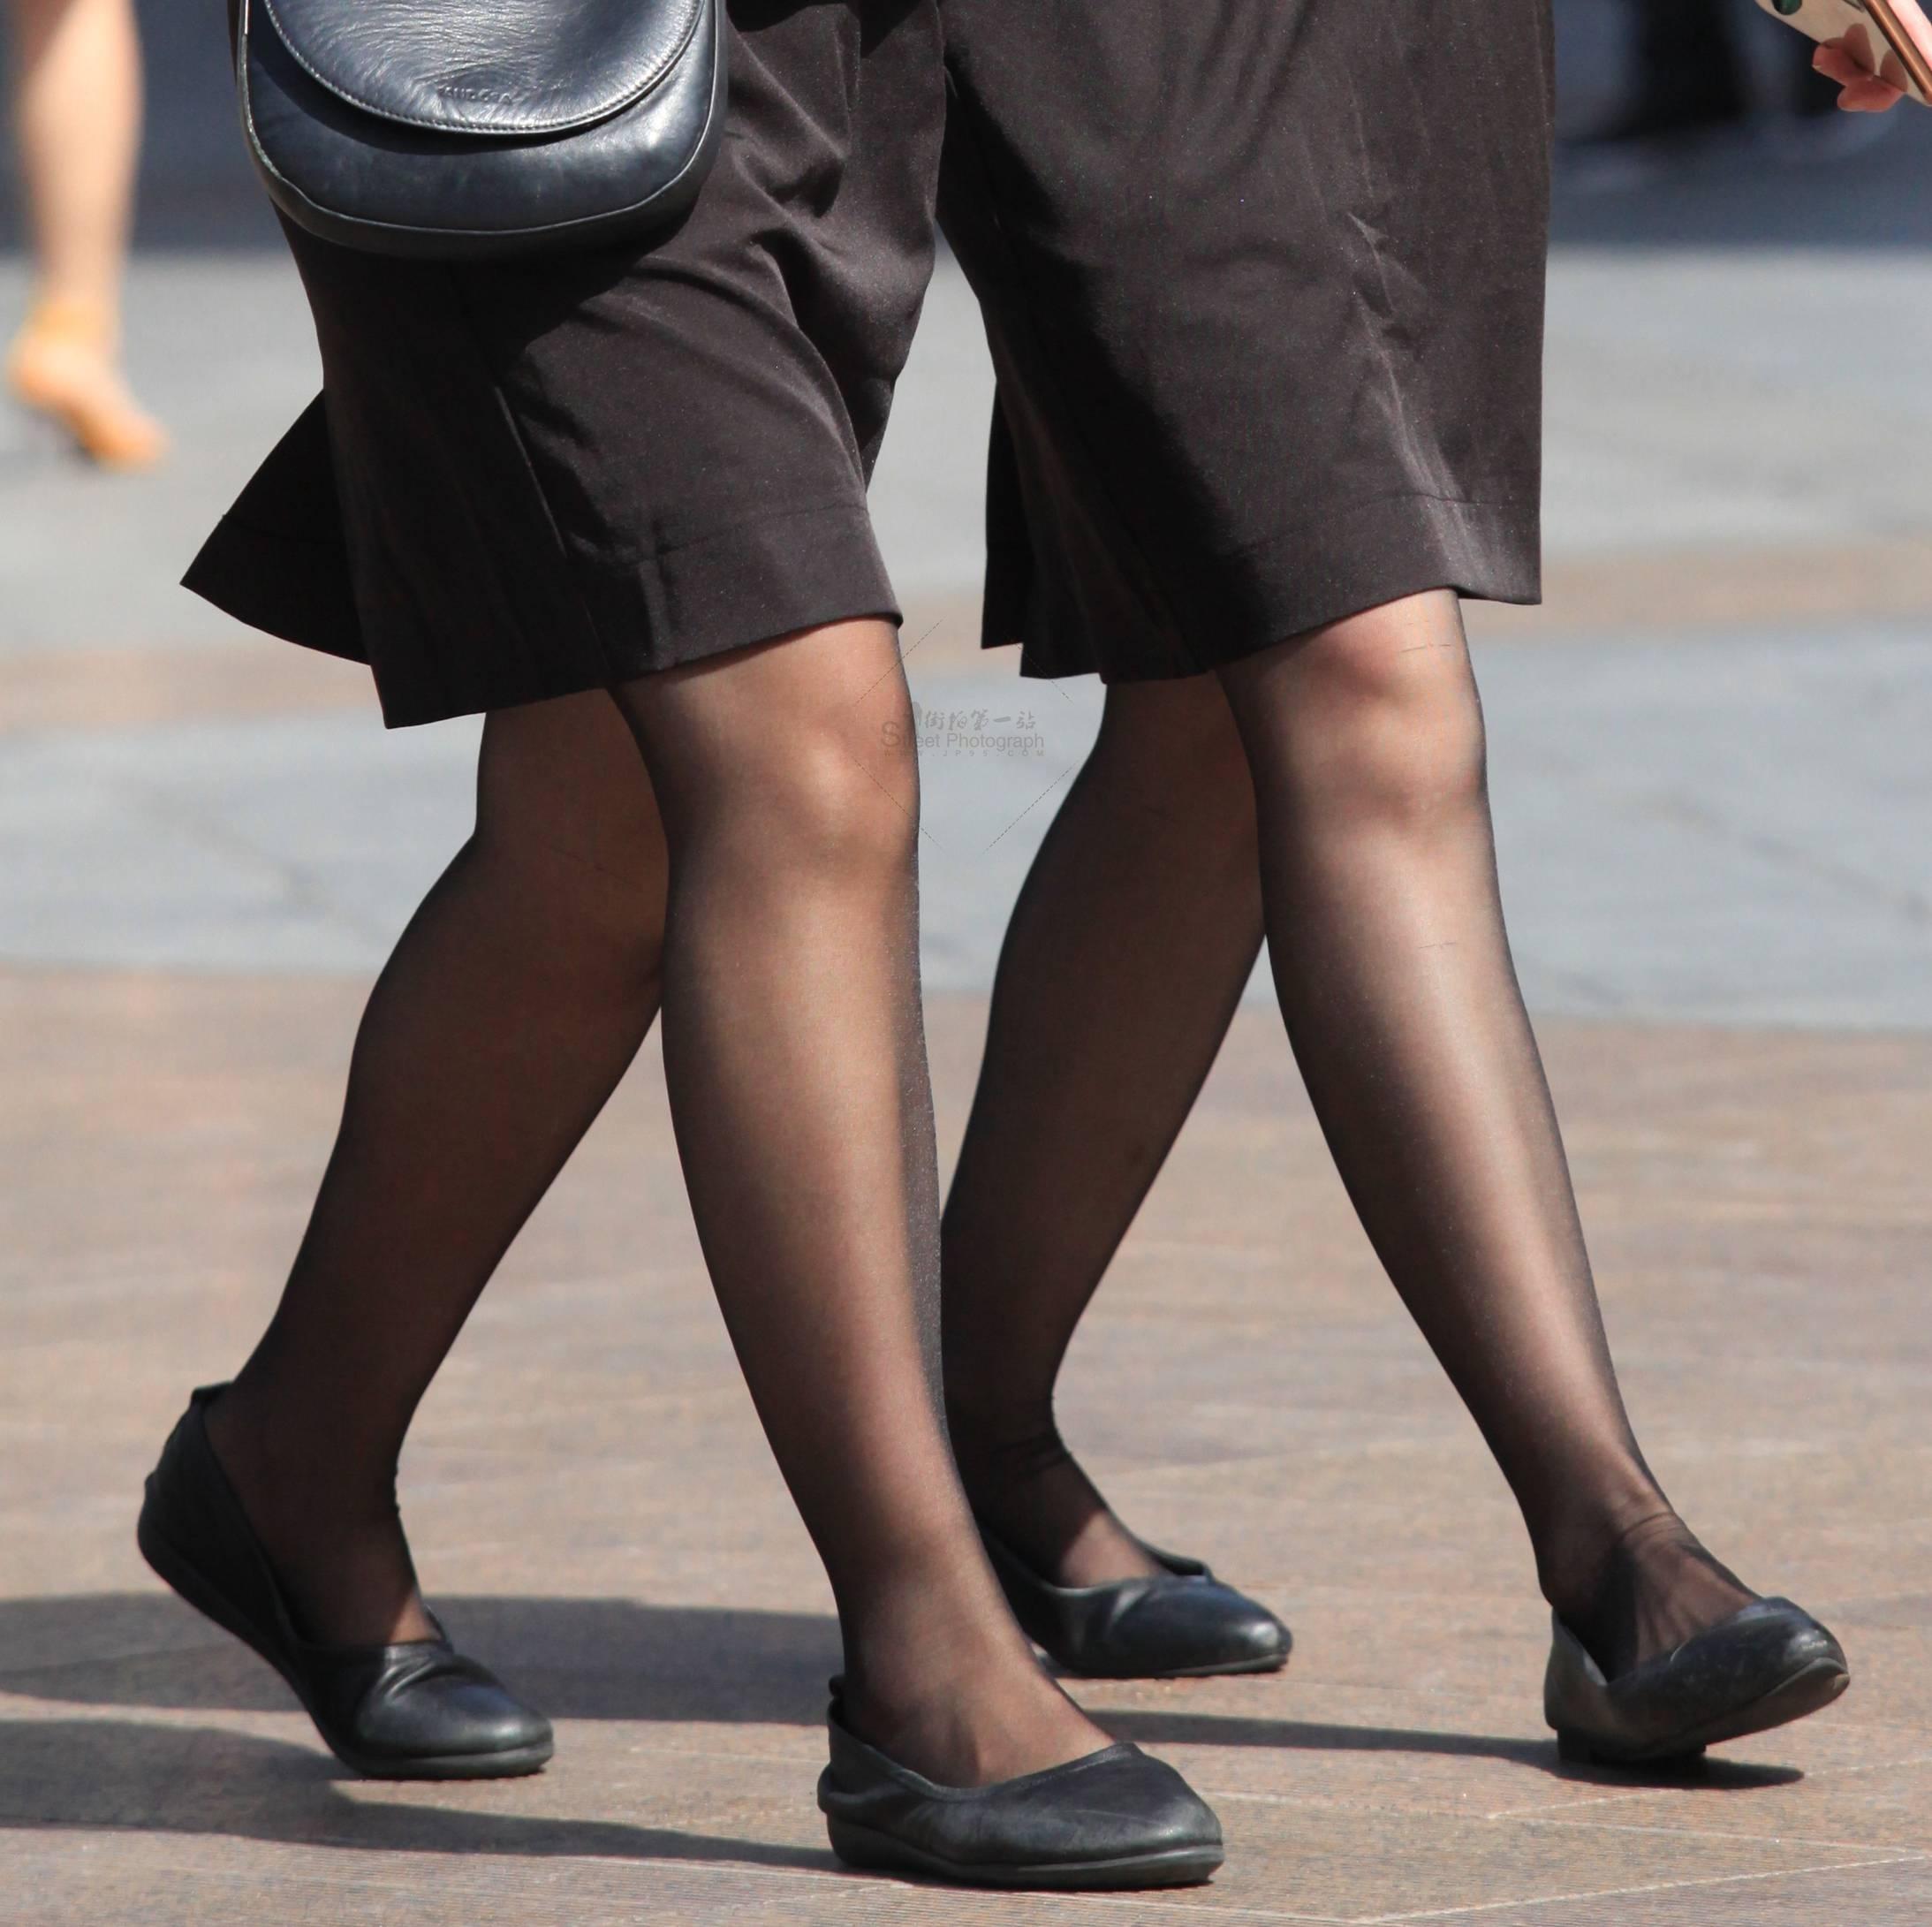 街拍OL,街拍黑絲 【玨一笑而過】2個黑絲 OL 最新街拍絲襪圖片 街拍絲襪第一站